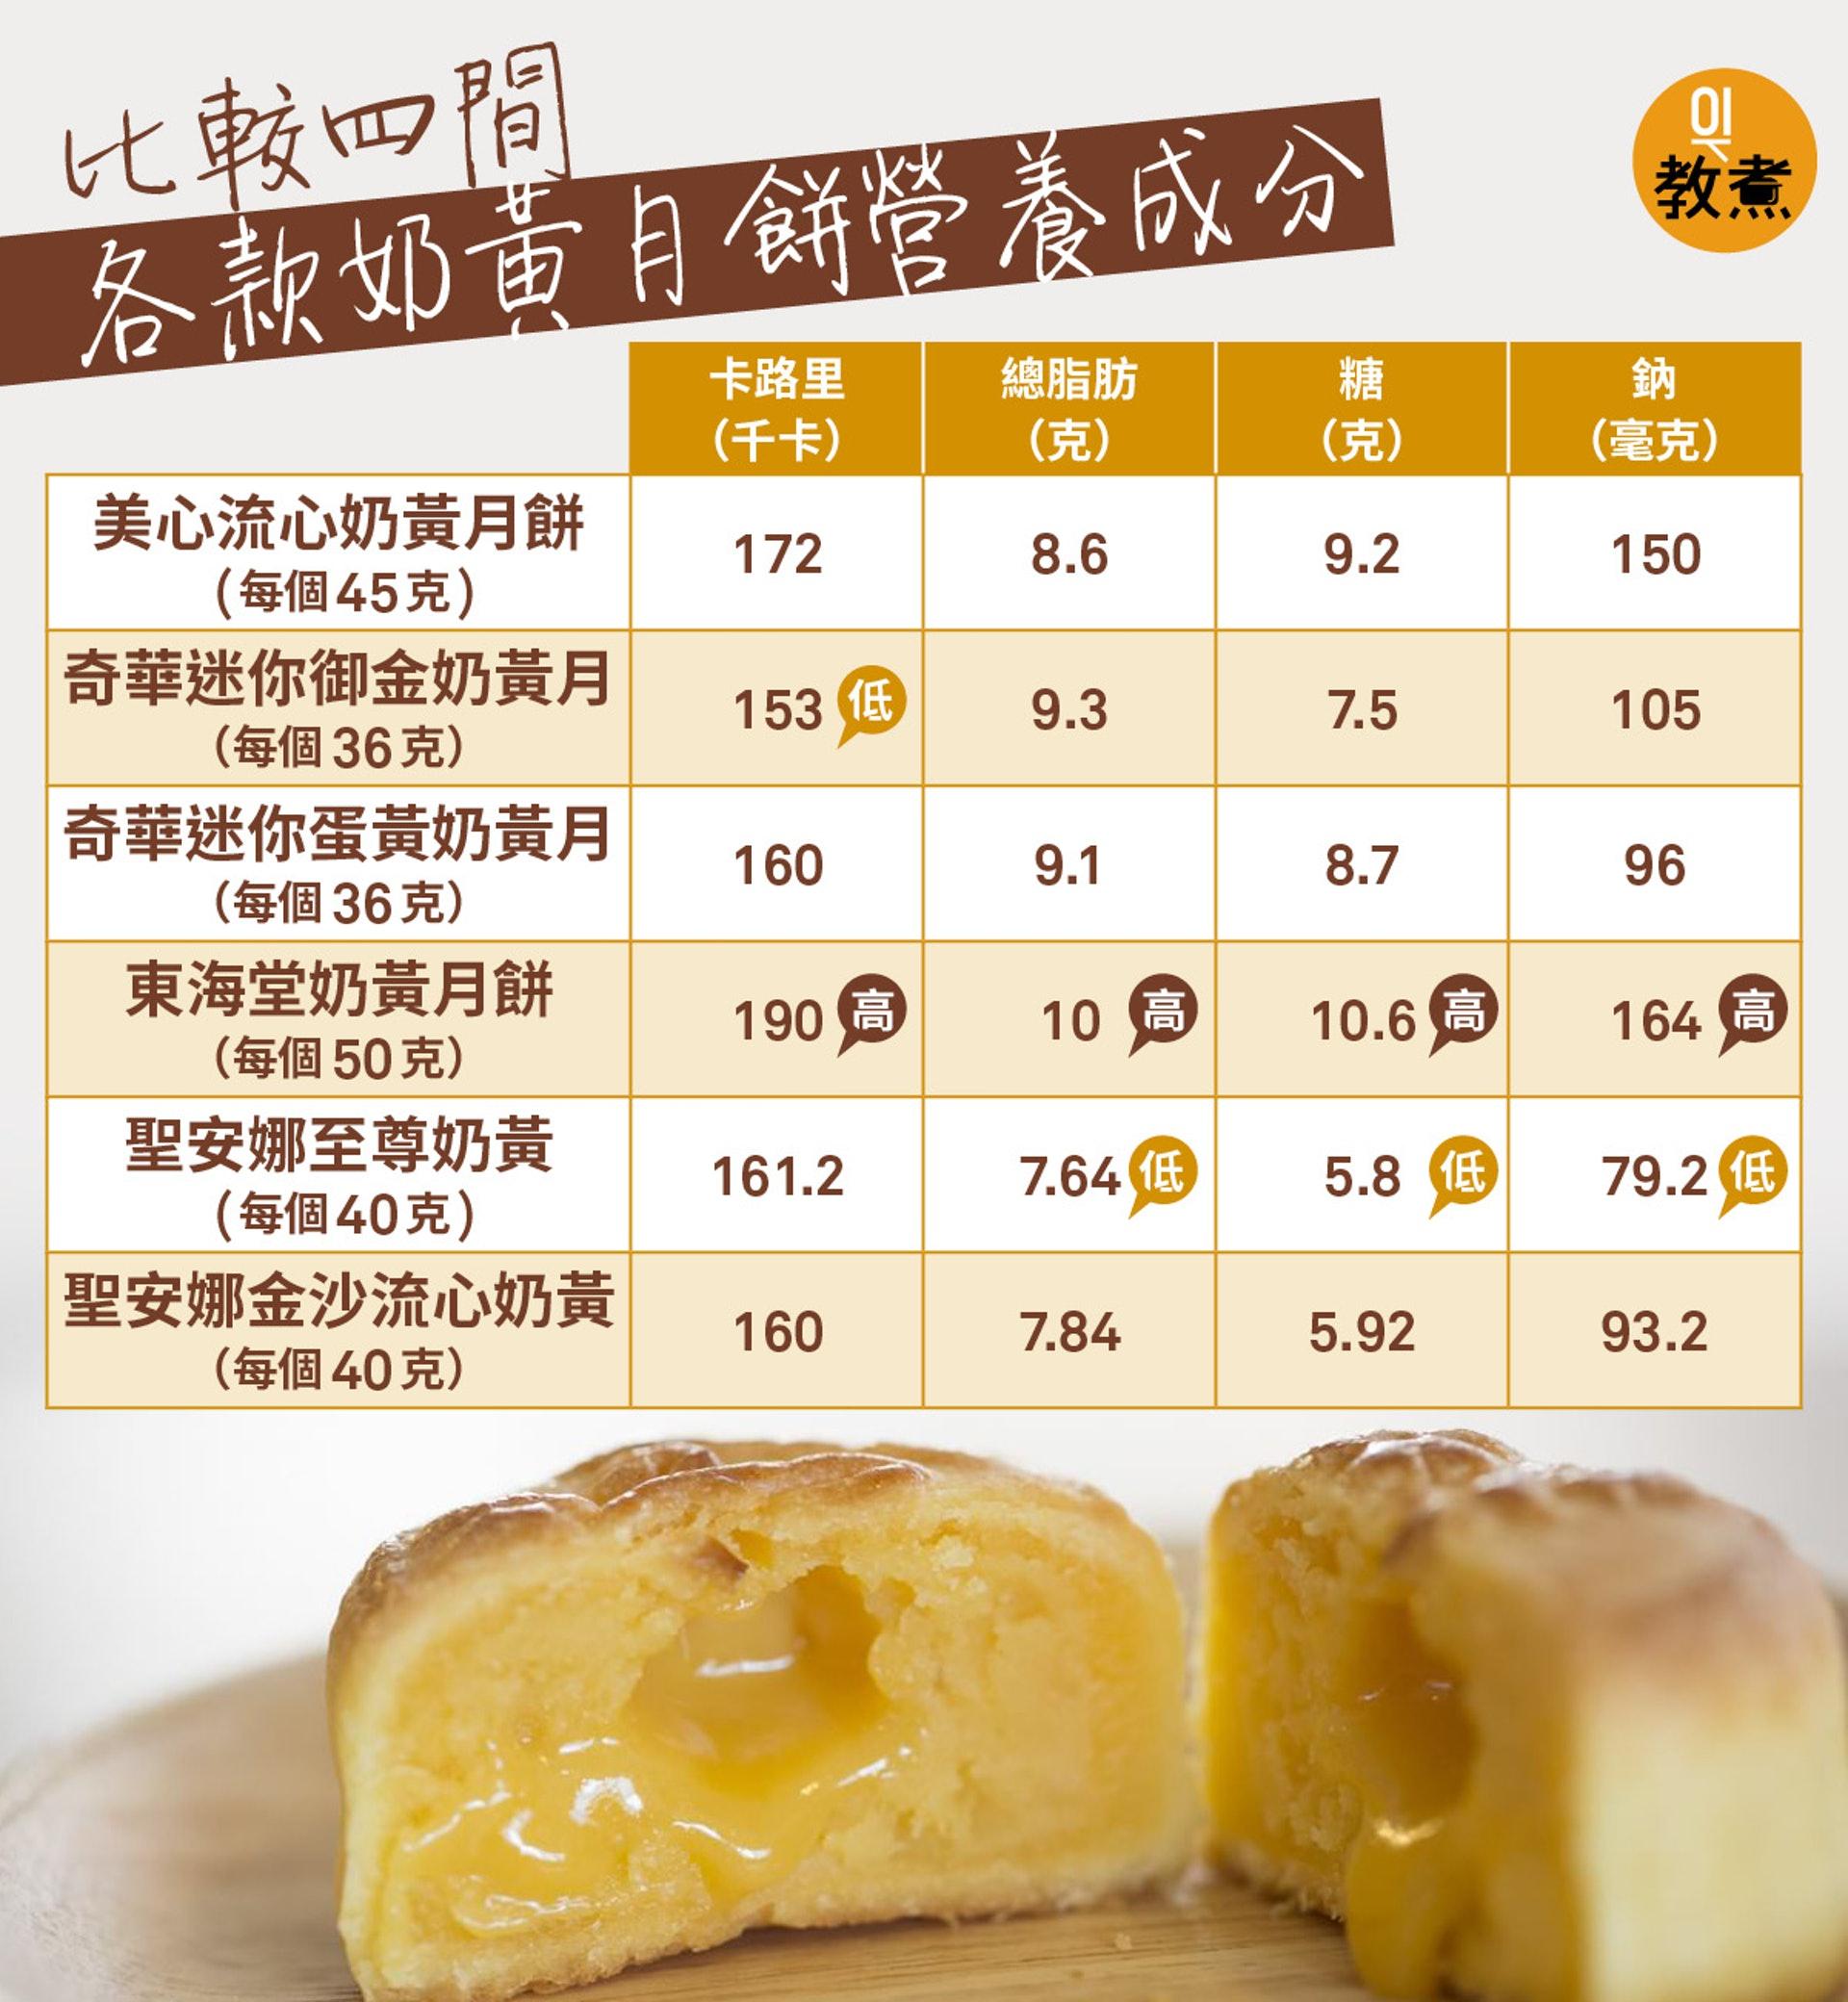 由於四款月餅每個的重量不同,約以平均每100克計算,卡路里最高的是「奇華迷你蛋黃奶黃月」444千卡;最高脂肪的為「奇華迷你御金奶黃月」25.8克;糖分最高的是「奇華迷你蛋黃奶黃月」24.16克,最低的是「聖安娜至尊奶黃」14.5克;最高鈉的是「美心流心奶黃月餅」333毫克,最低是「聖安娜至尊奶黃」198毫克。